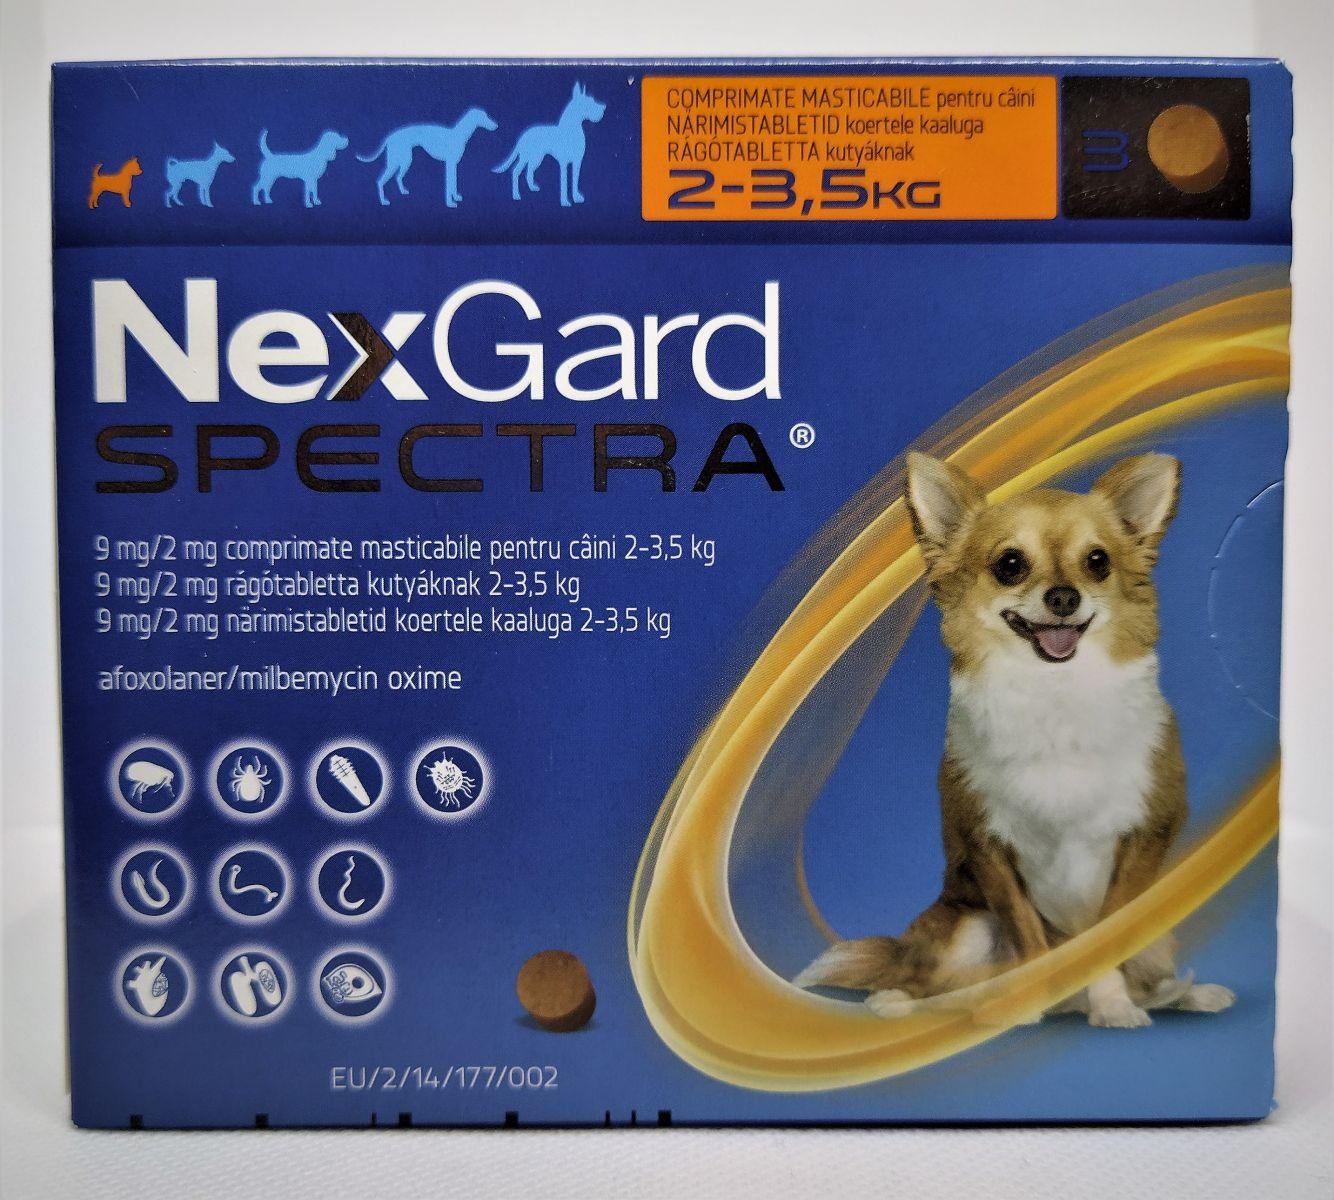 NexGard Spectra 2-3,5kg - kullancs, bolha és férgek elleni rágótabletta kistestű kutyák számára